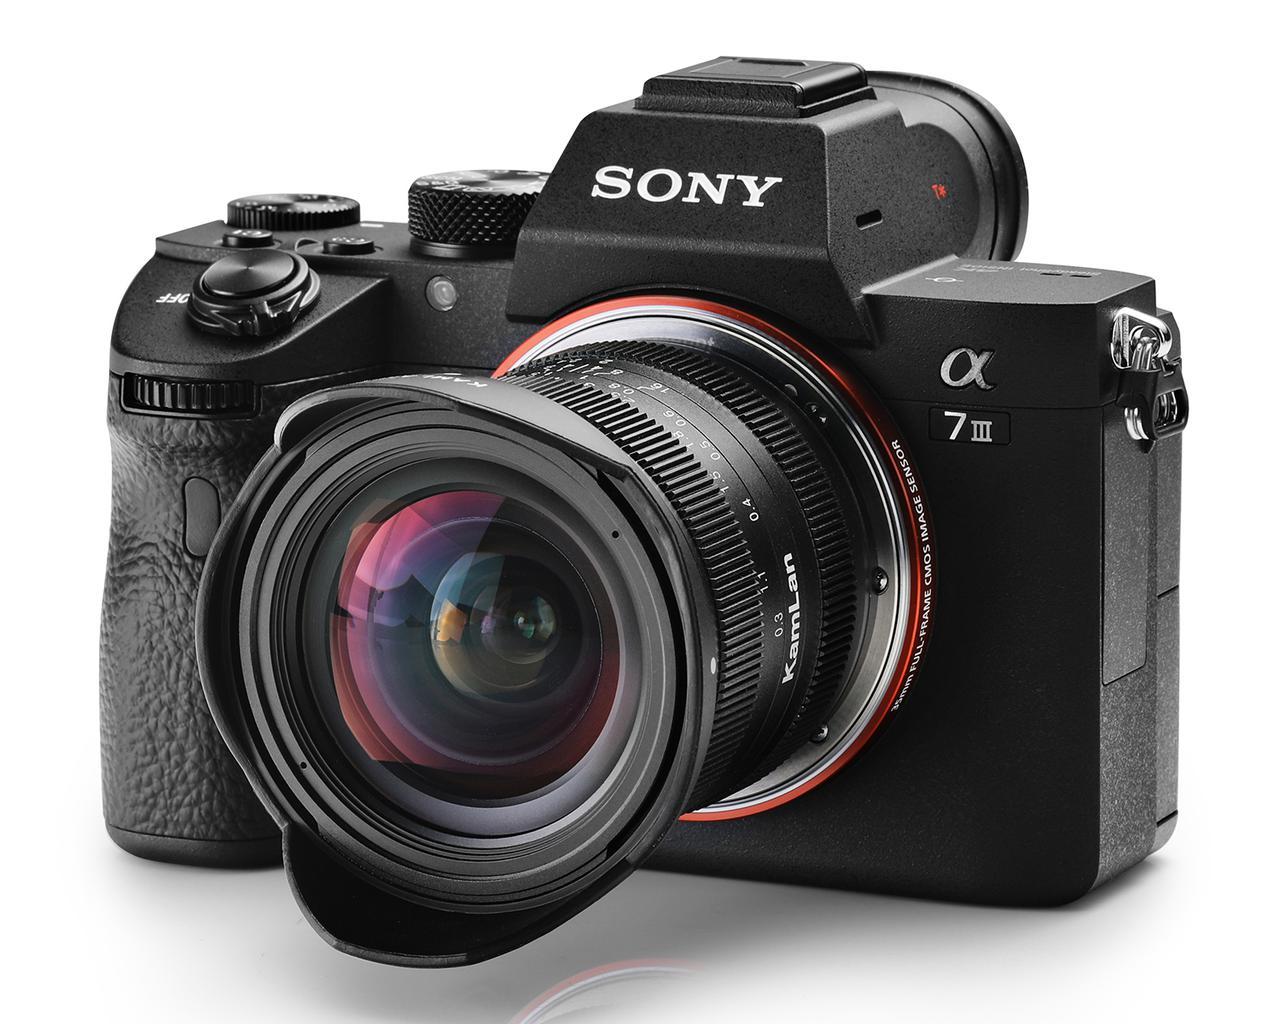 画像: 装着イメージ。なおレンズはAPS-C専用なので、フルサイズカメラではクロップすることになる。